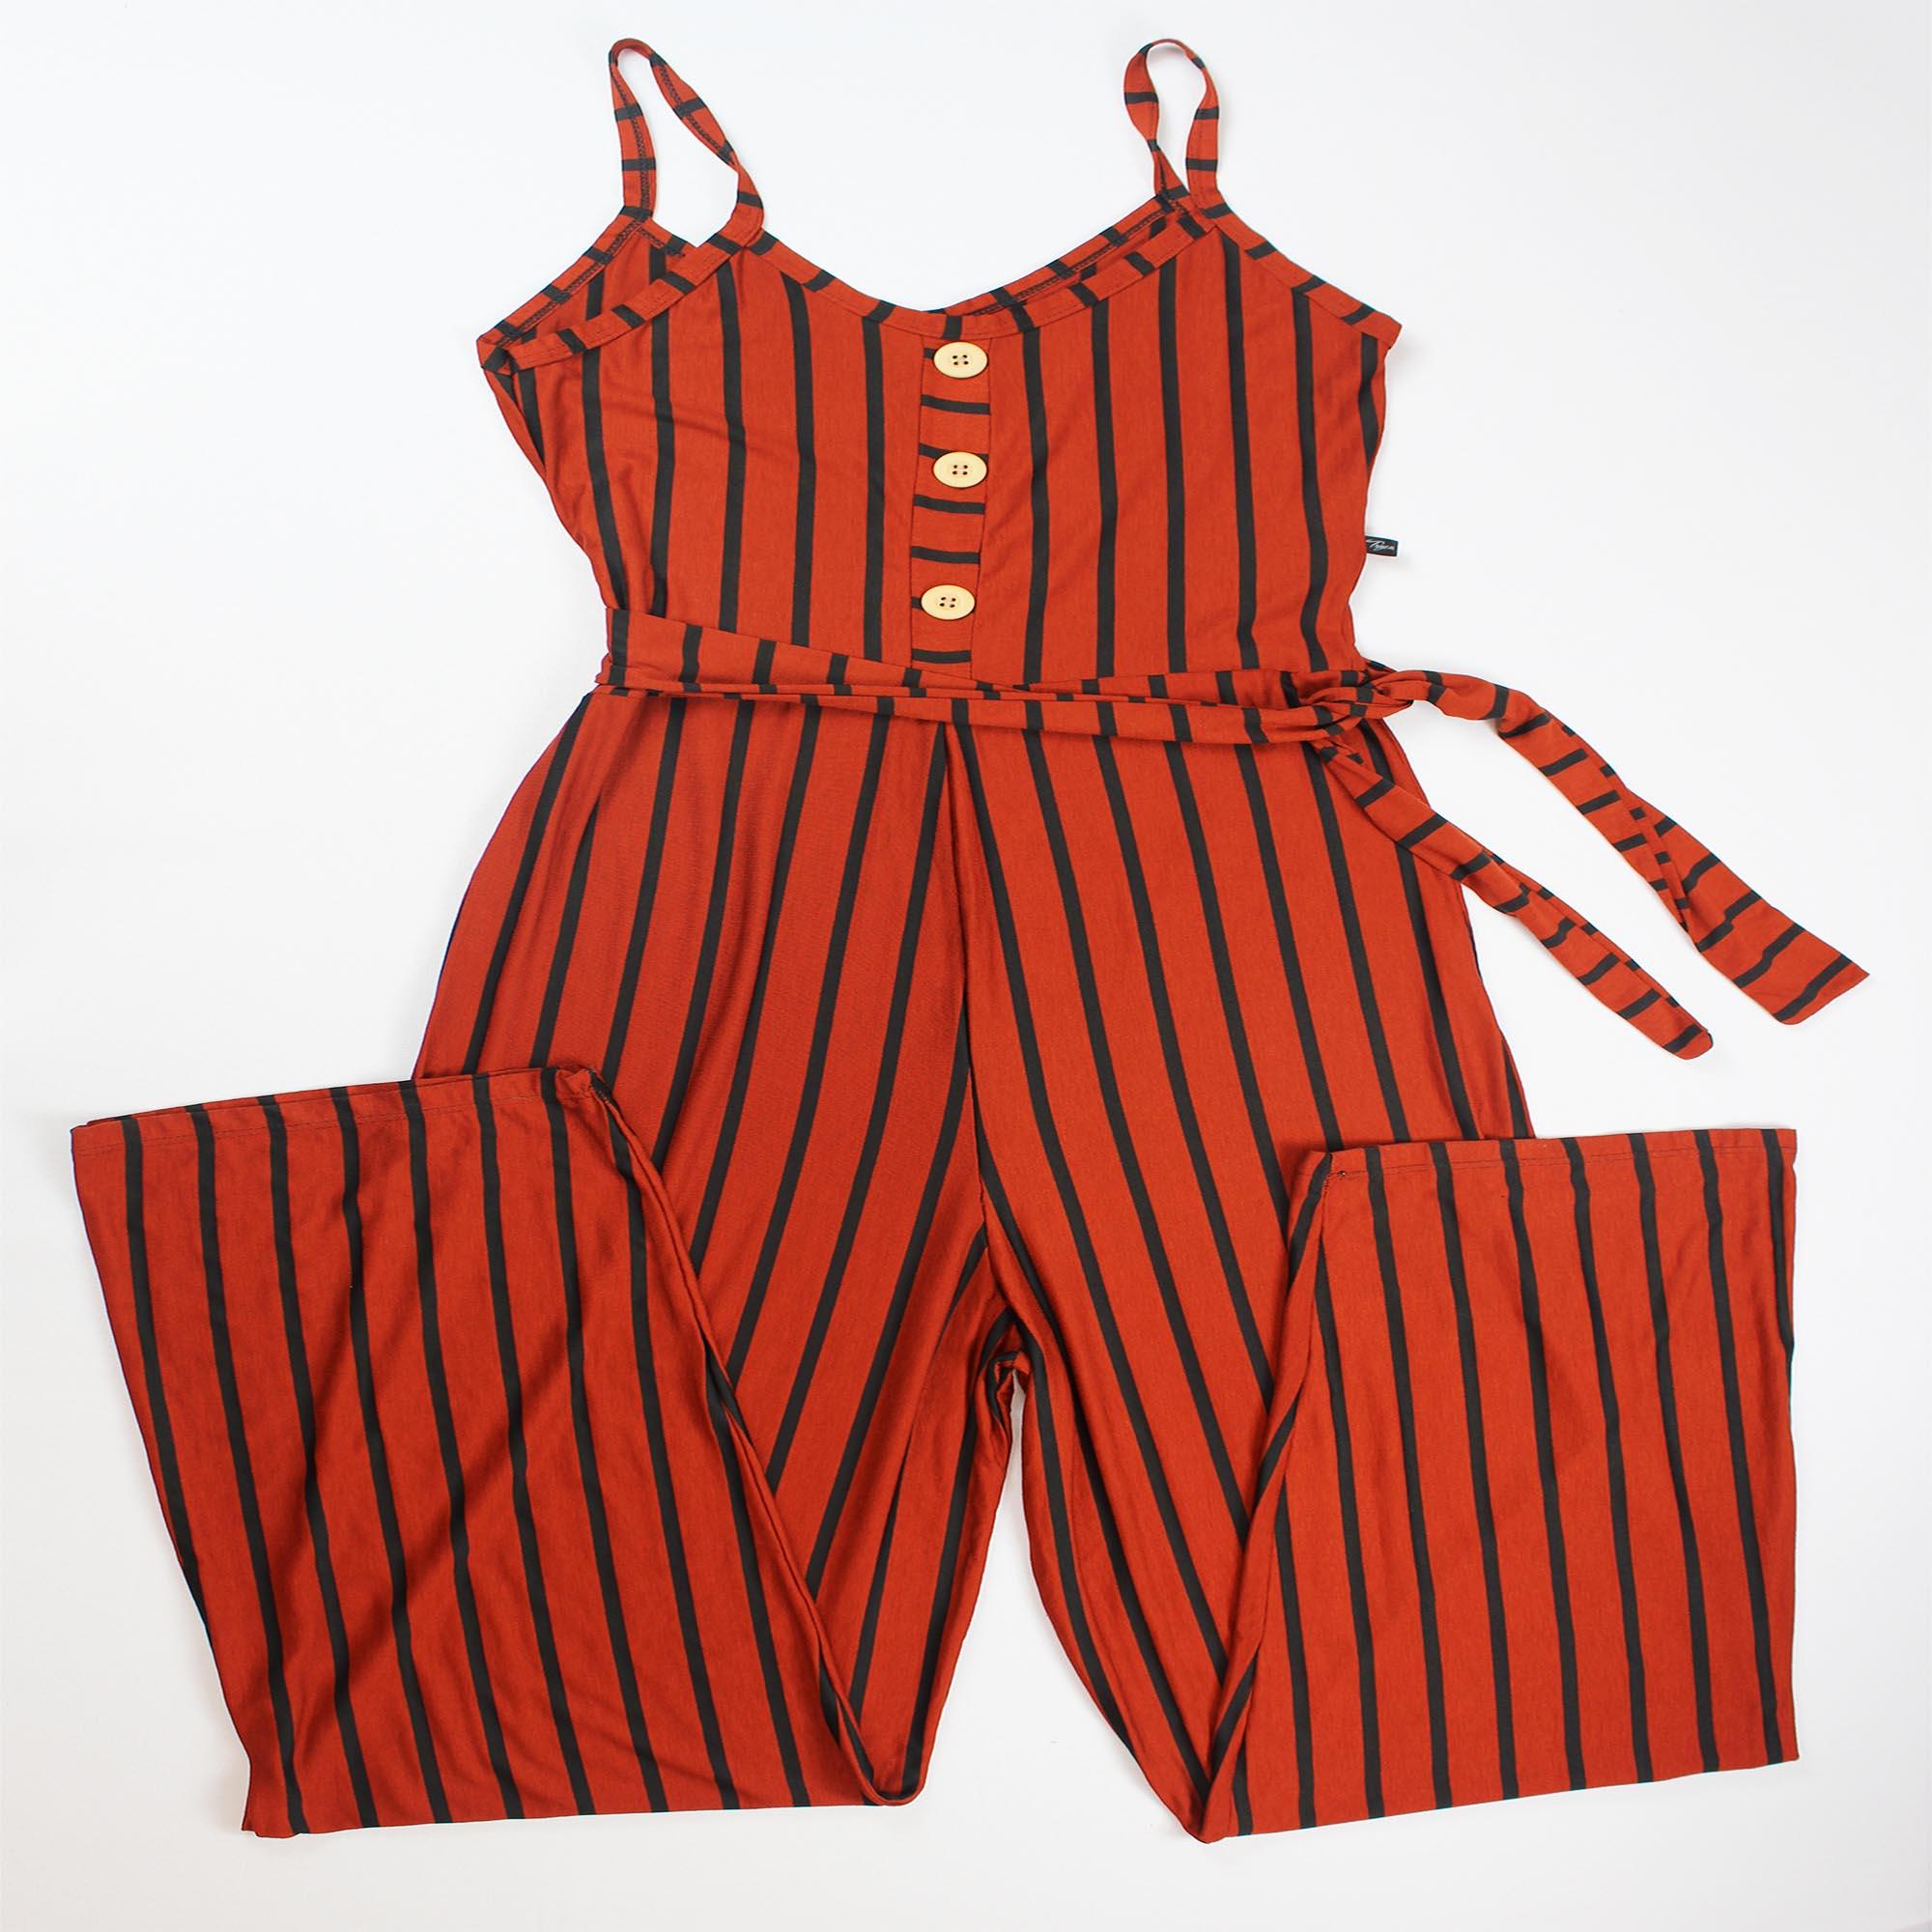 Macacão Botão de Alça Listrado Feminino - Terracotta e Preto